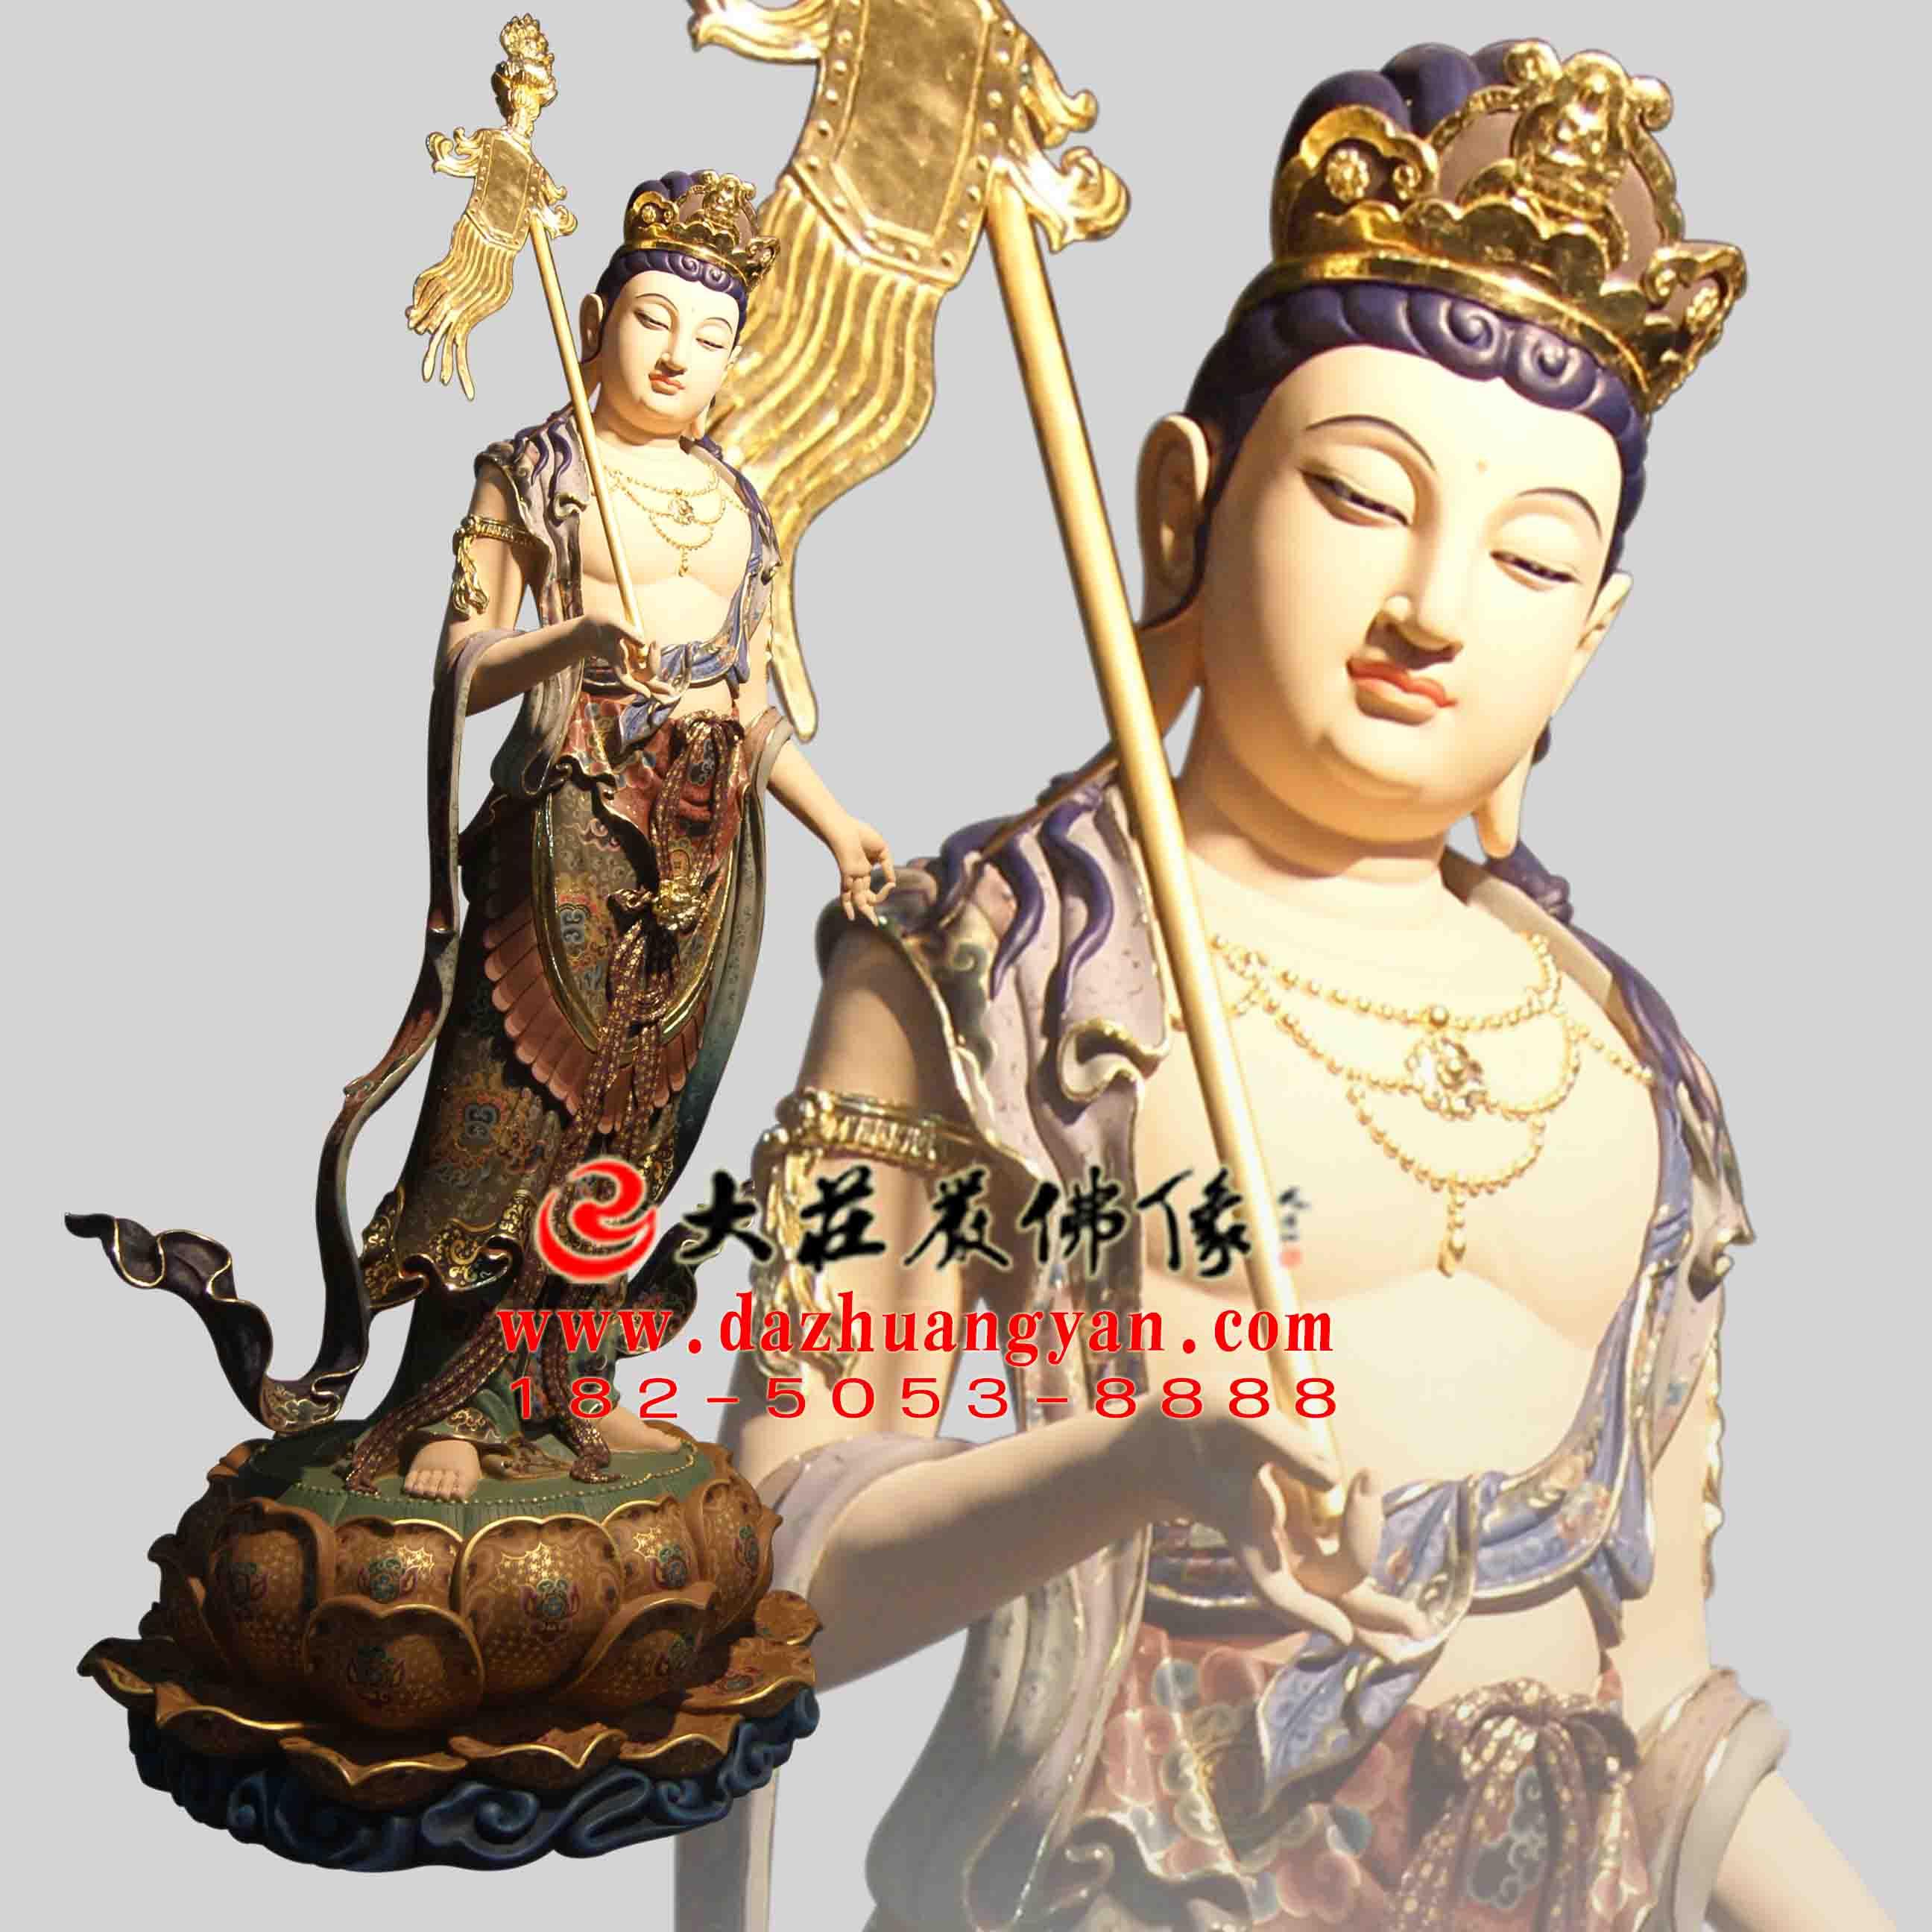 生漆脱胎八大菩萨之除盖障菩萨彩绘塑像【170